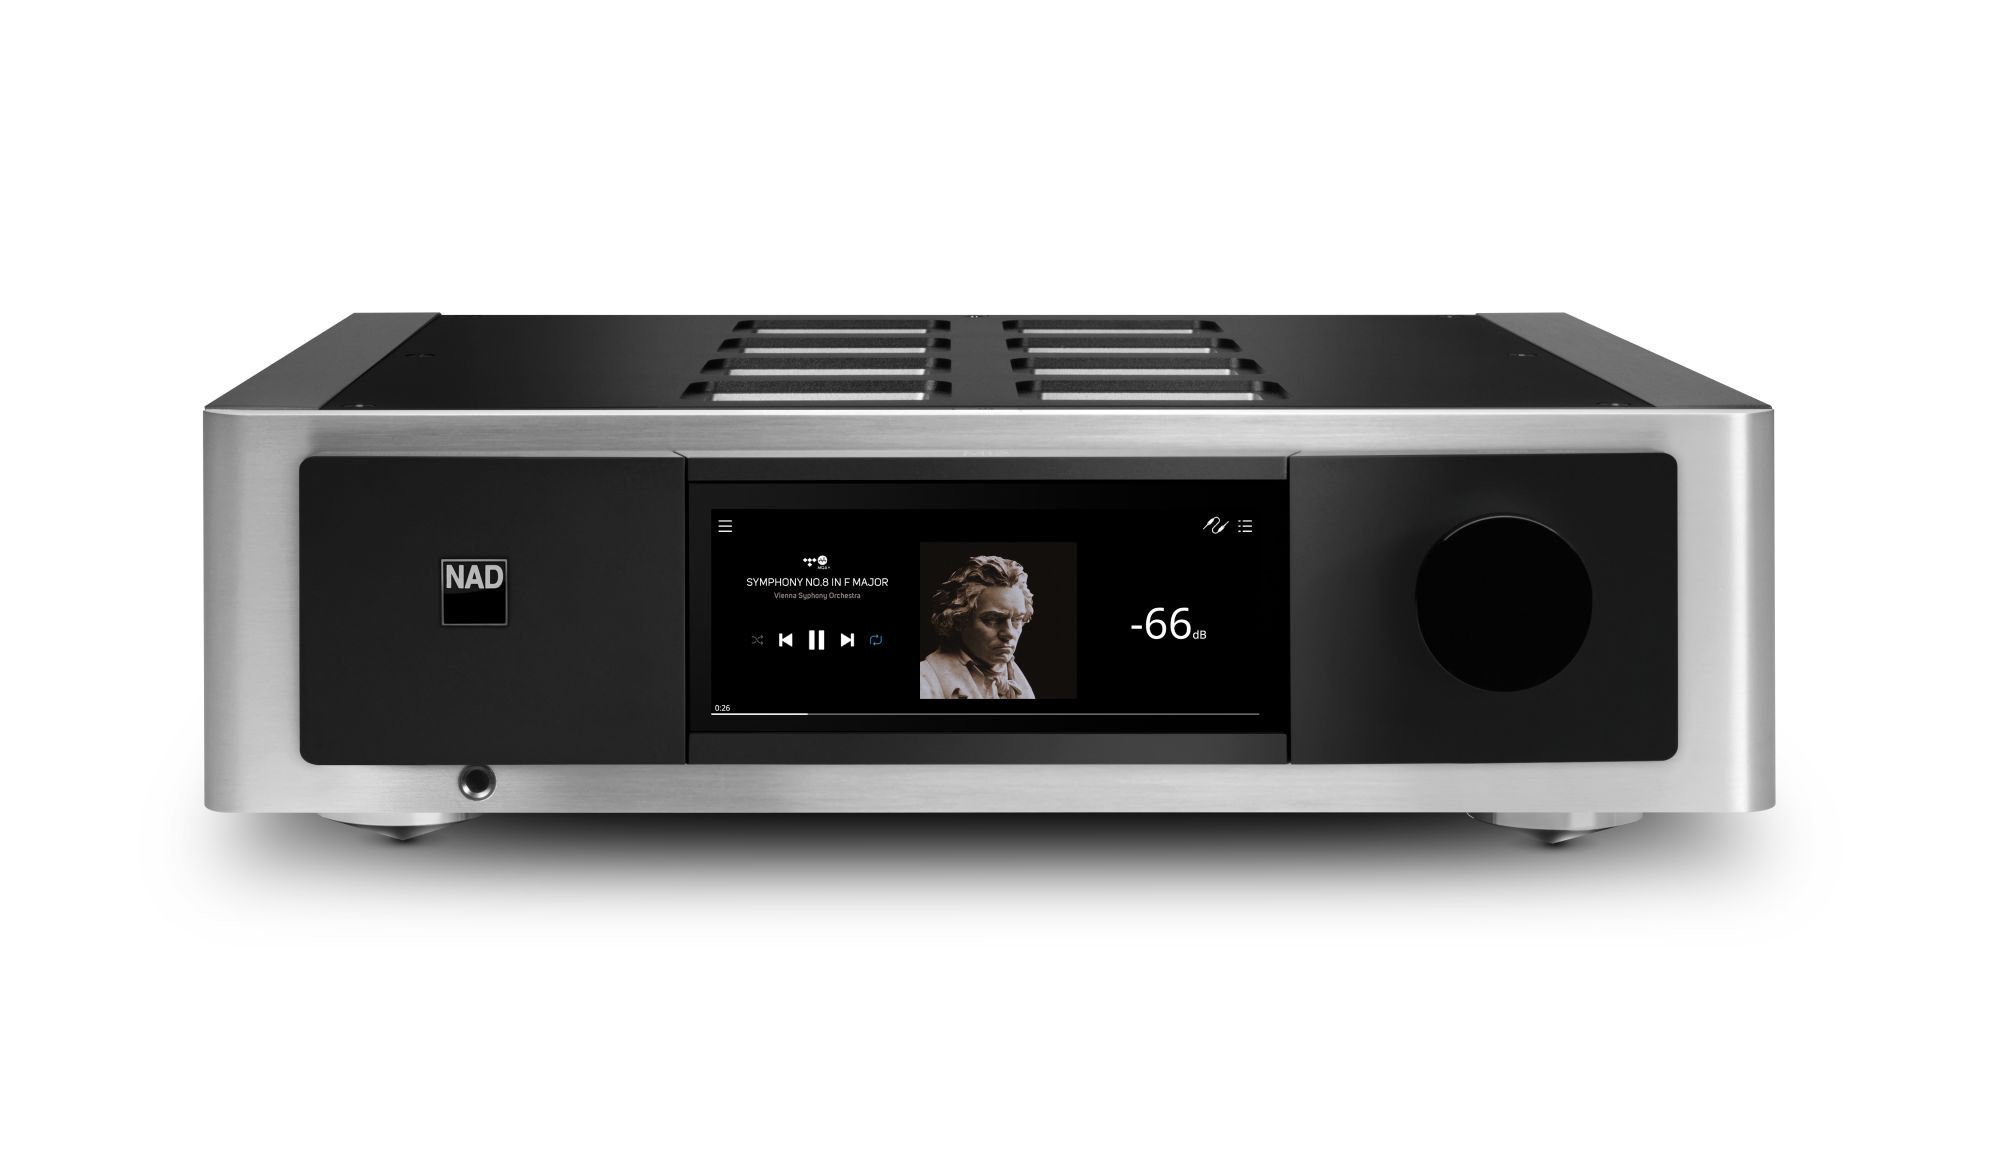 Elérhető a NAD legújabb M33-as BluOS streaming DAC sztereó erősítője